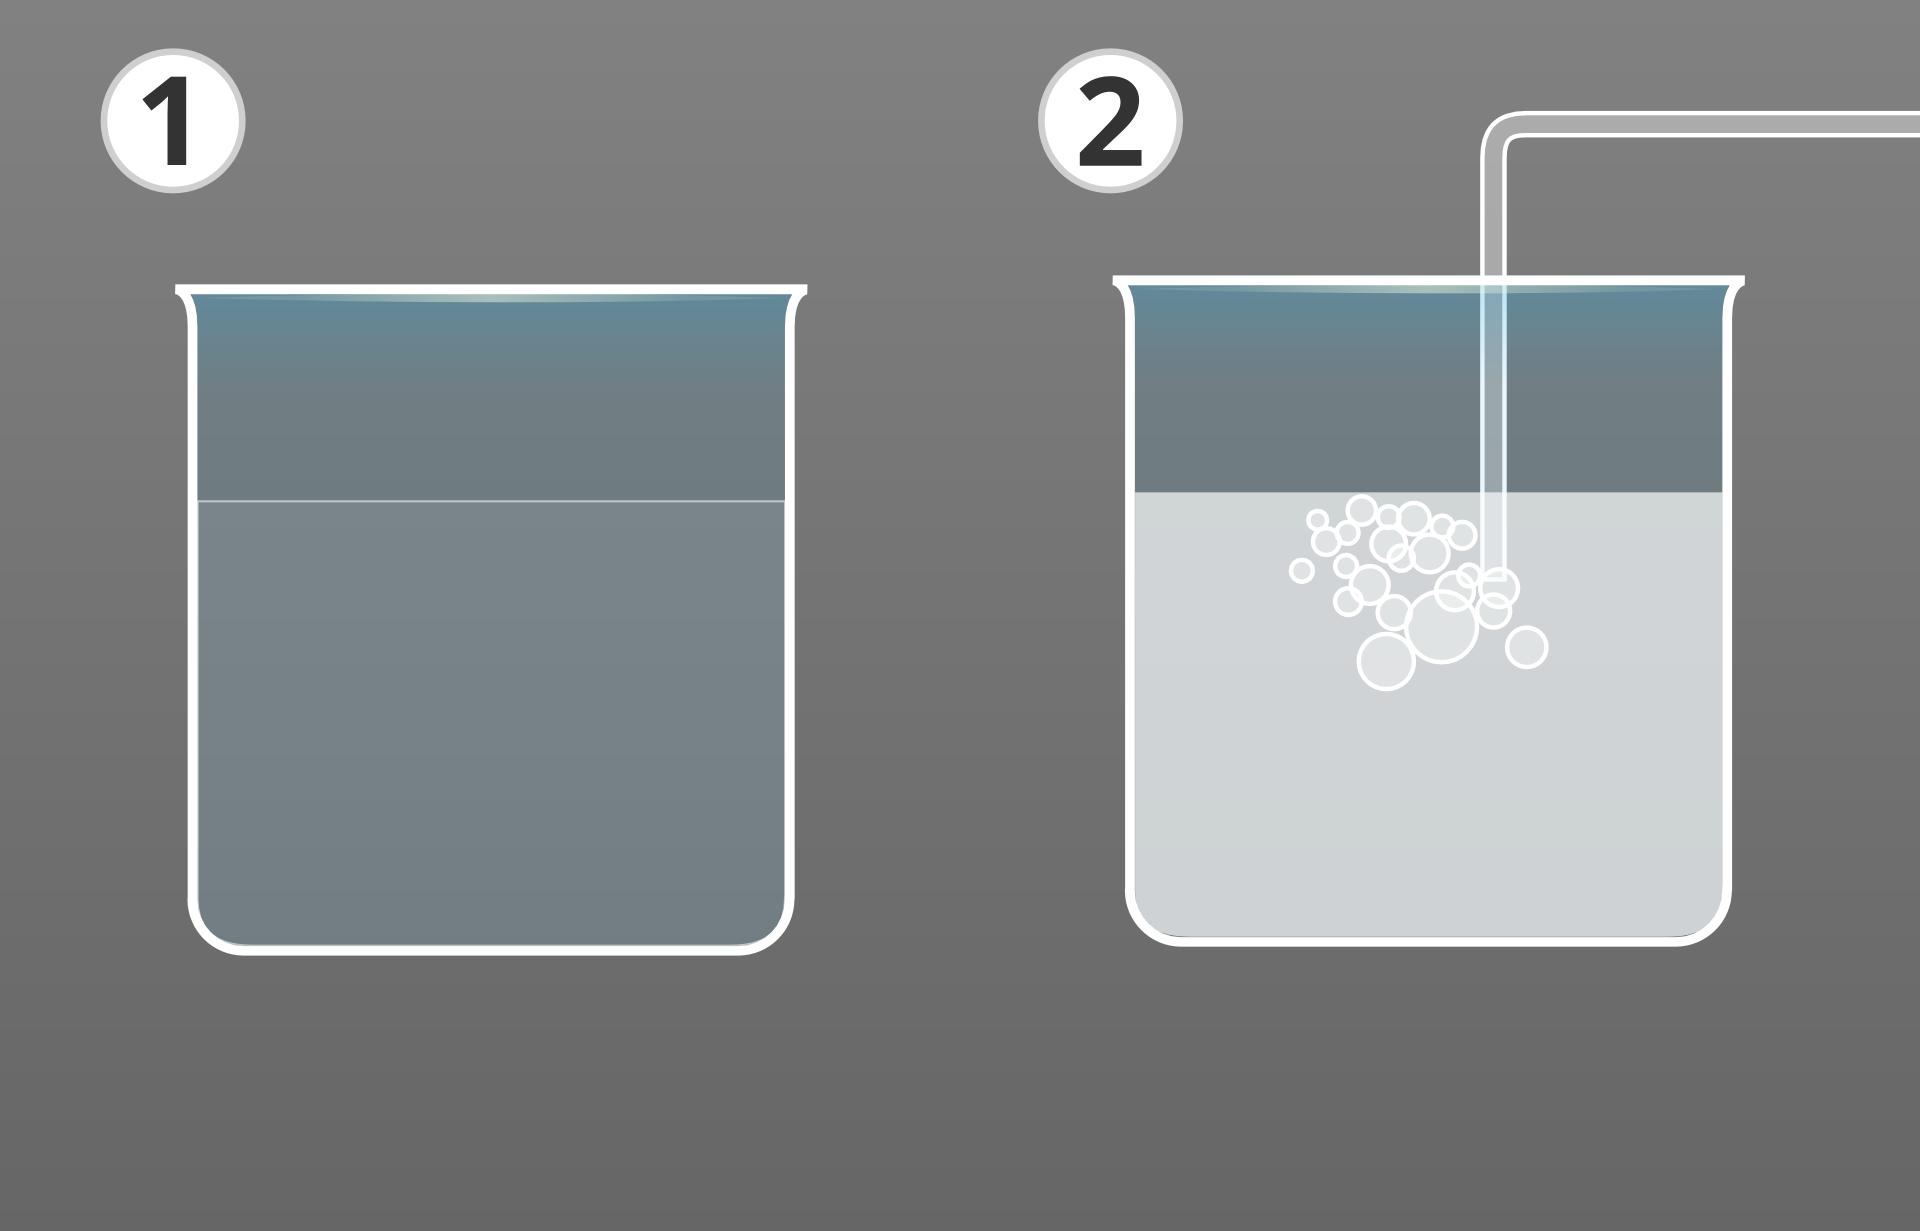 Ilustracja przedstawia dwa połączone ze sobą rysunki na szarym tle. Na ilustracji po lewej stronie zlewka zprzezroczystym płynem. Po prawej stronie taka sama zlewka zpłynem mętnym. Wzlewce znajduje się wygięta pod kątem 90 stopni rurka lub słomka. Wydobywające się zjej zanurzonego końca bąbelki sugerują, że przez rurkę do płynu wzlewce wtłaczany jest jakiś gaz.